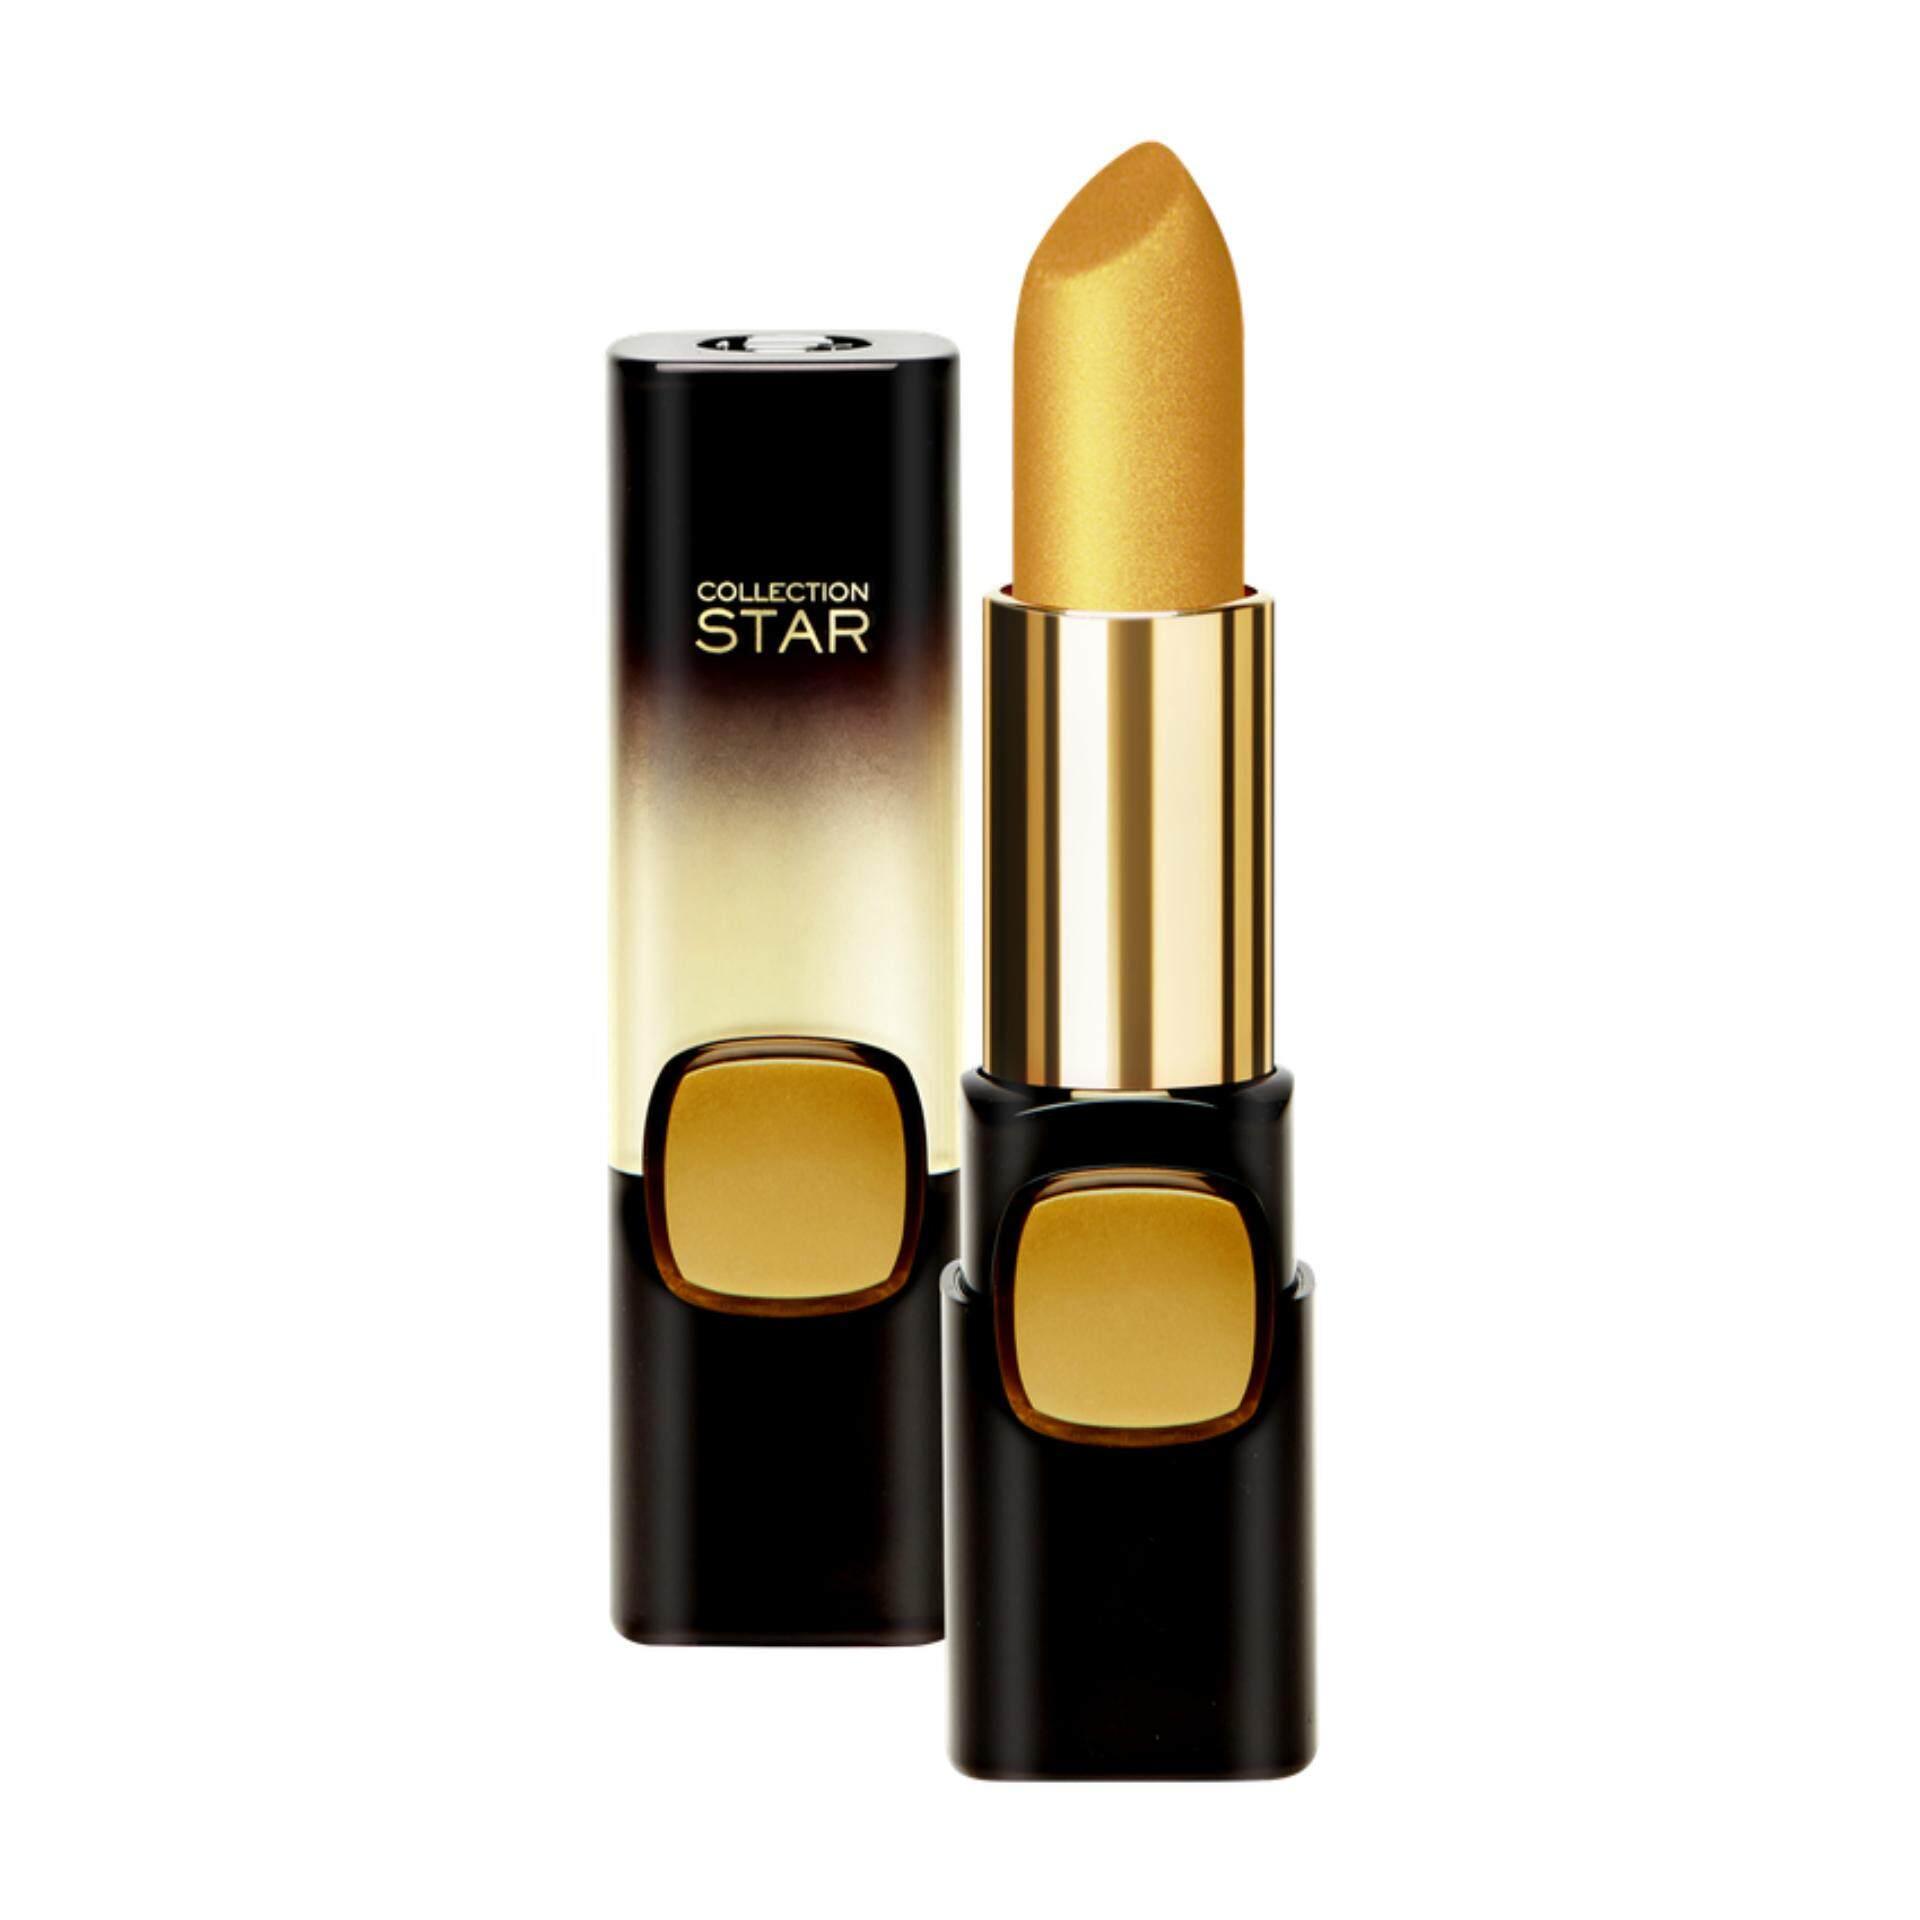 ราคา Bestselling ลอรีอัล ปารีส คัลเลอร์ ริช คอลเล็คชั่น สตาร์ 24K โกลด์ ลิปสติกเนื้อครีม G101 เลอ โกลด์ 3 7 กรัม L Oreal Paris Color Riche Collection Star 24K Gold G101 Le Gold 3 7 G ใหม่ ถูก